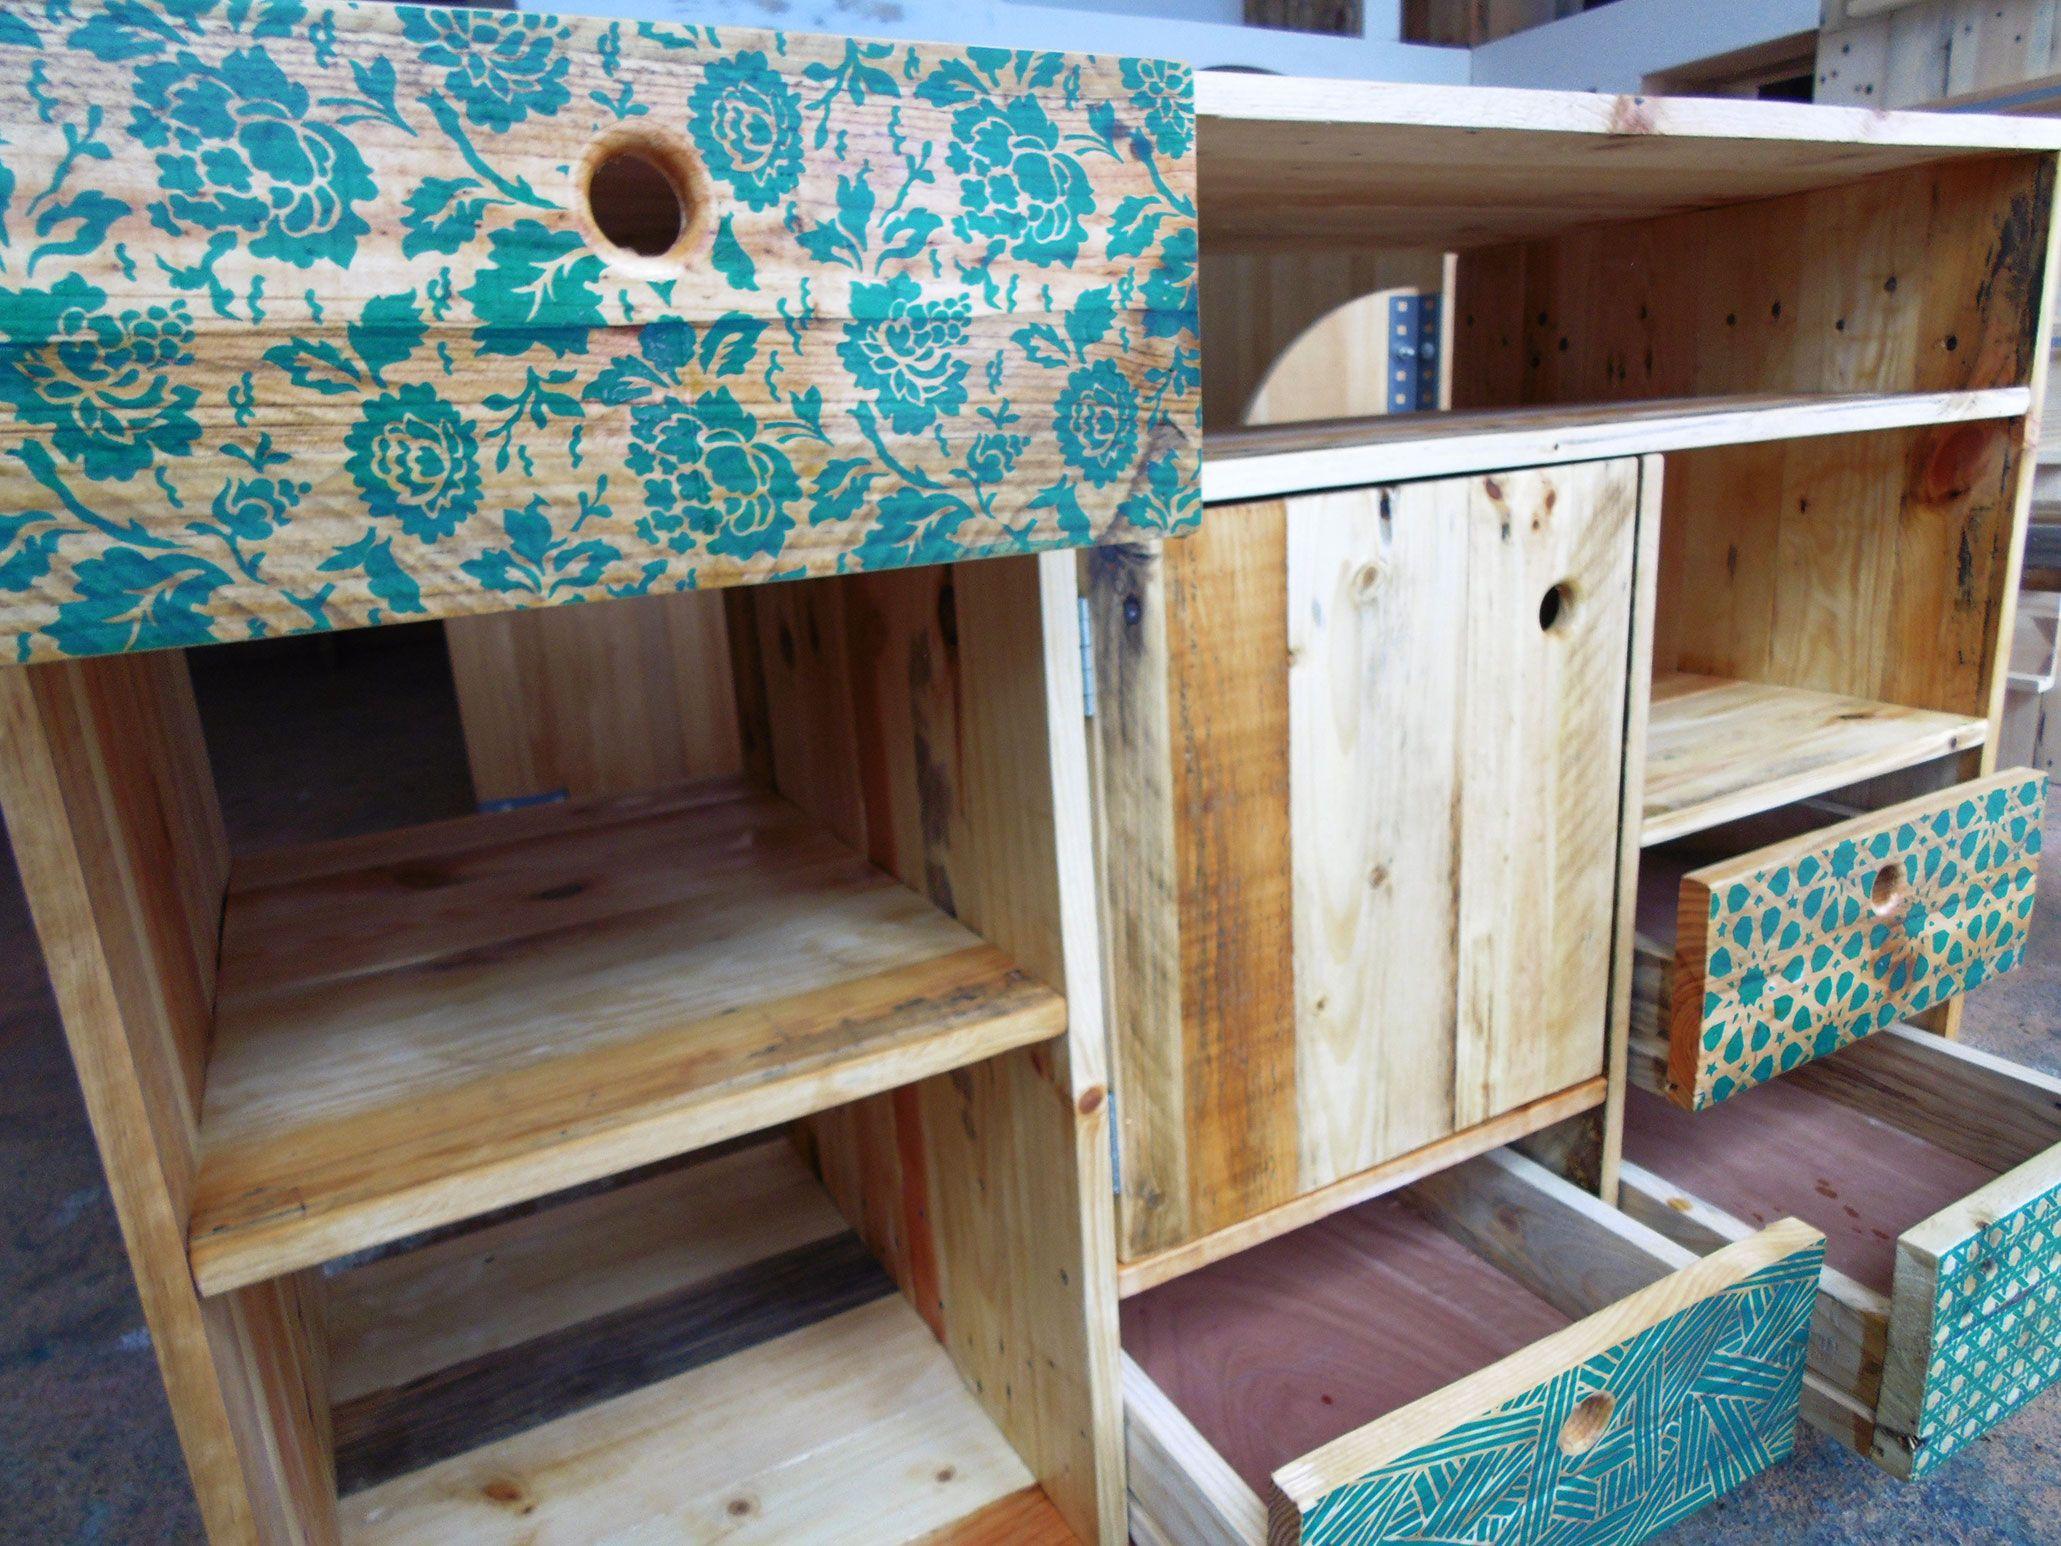 meuble de salle de bain en bois de palette sérigraphié par